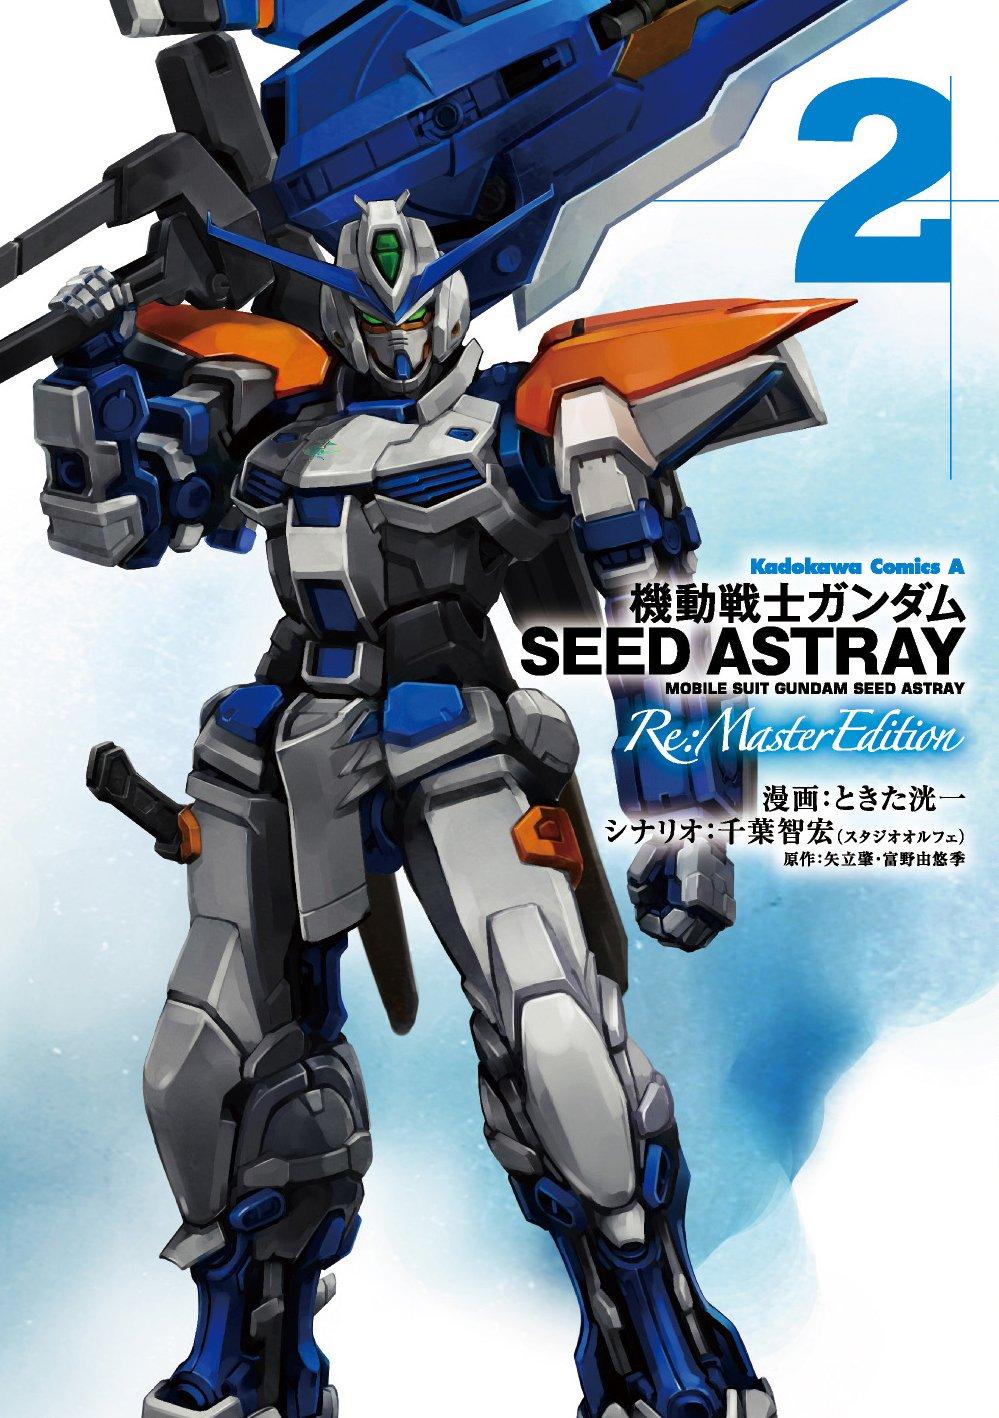 機動戦士ガンダムSEED Destinyの画像 p1_22